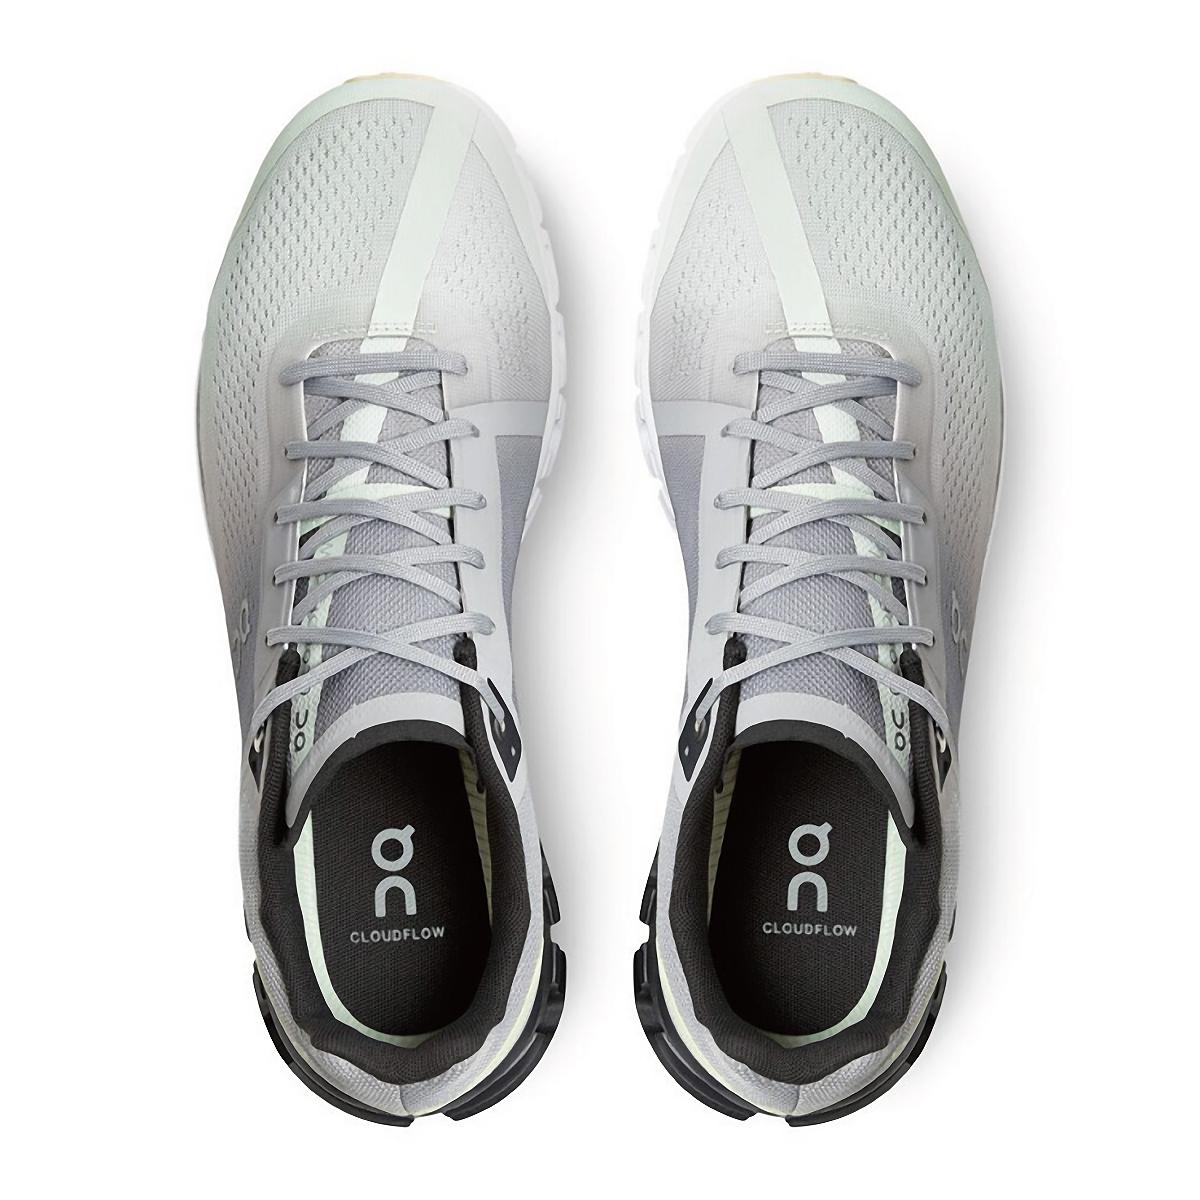 Men's On Cloudflow 3.0 Running Shoe - Color: Alloy/Magnet - Size: 7 - Width: Regular, Alloy/Magnet, large, image 3